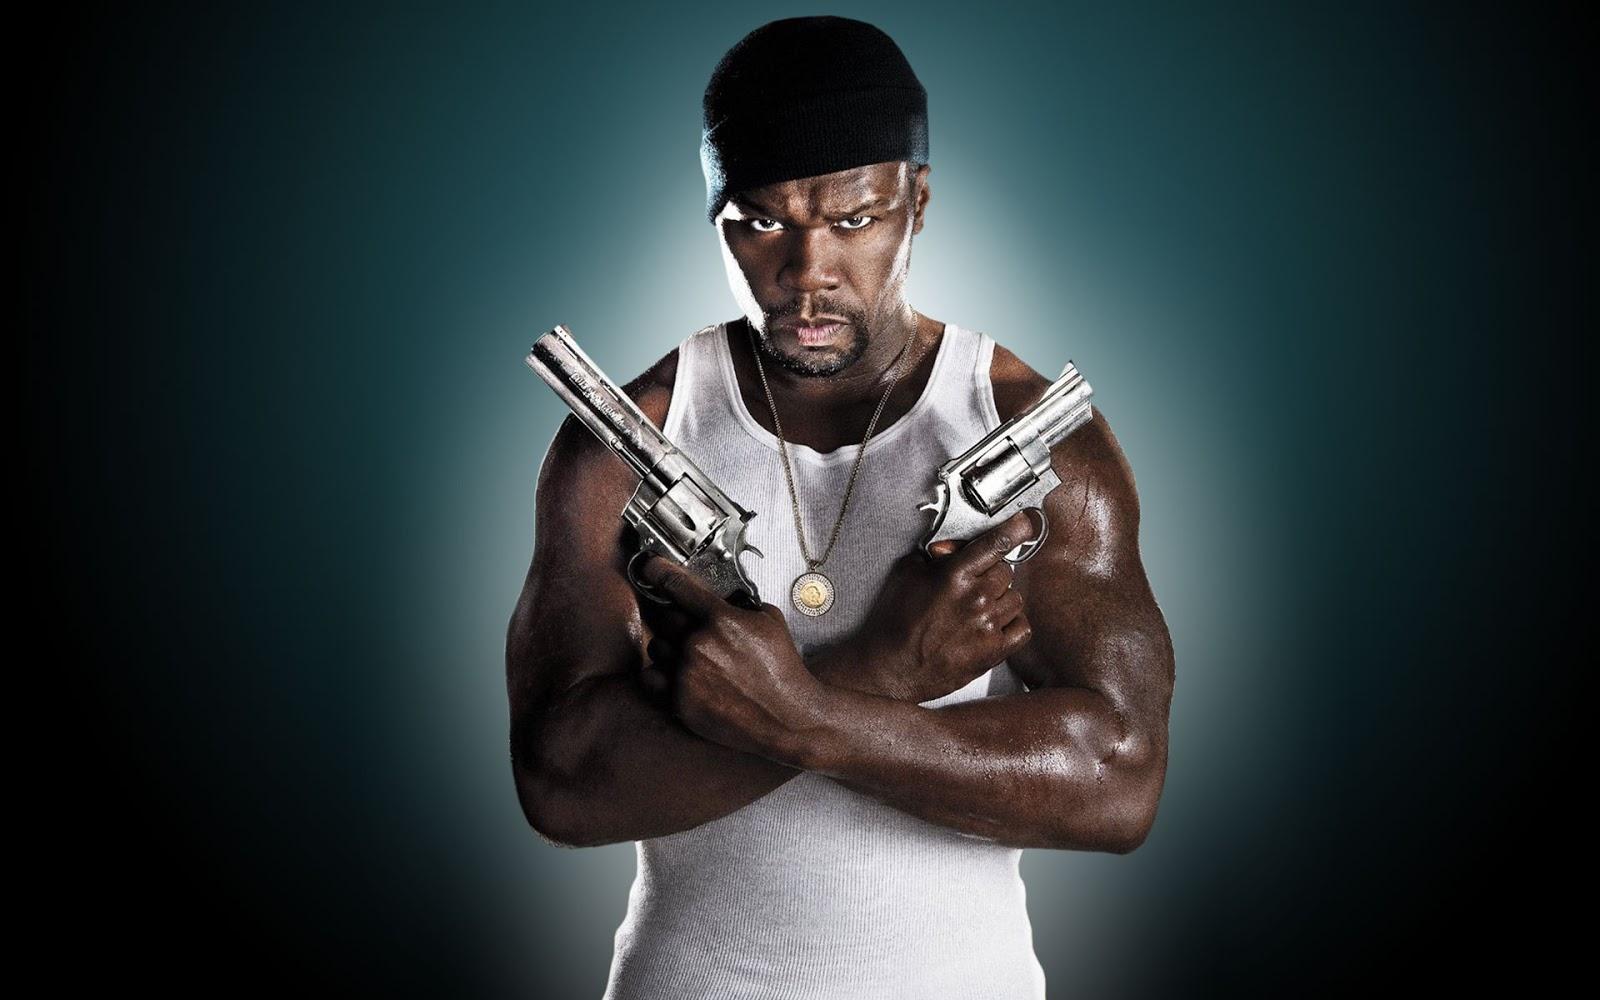 Gangster Rap Wallpaper 50 cent wallpapers 1600x1000